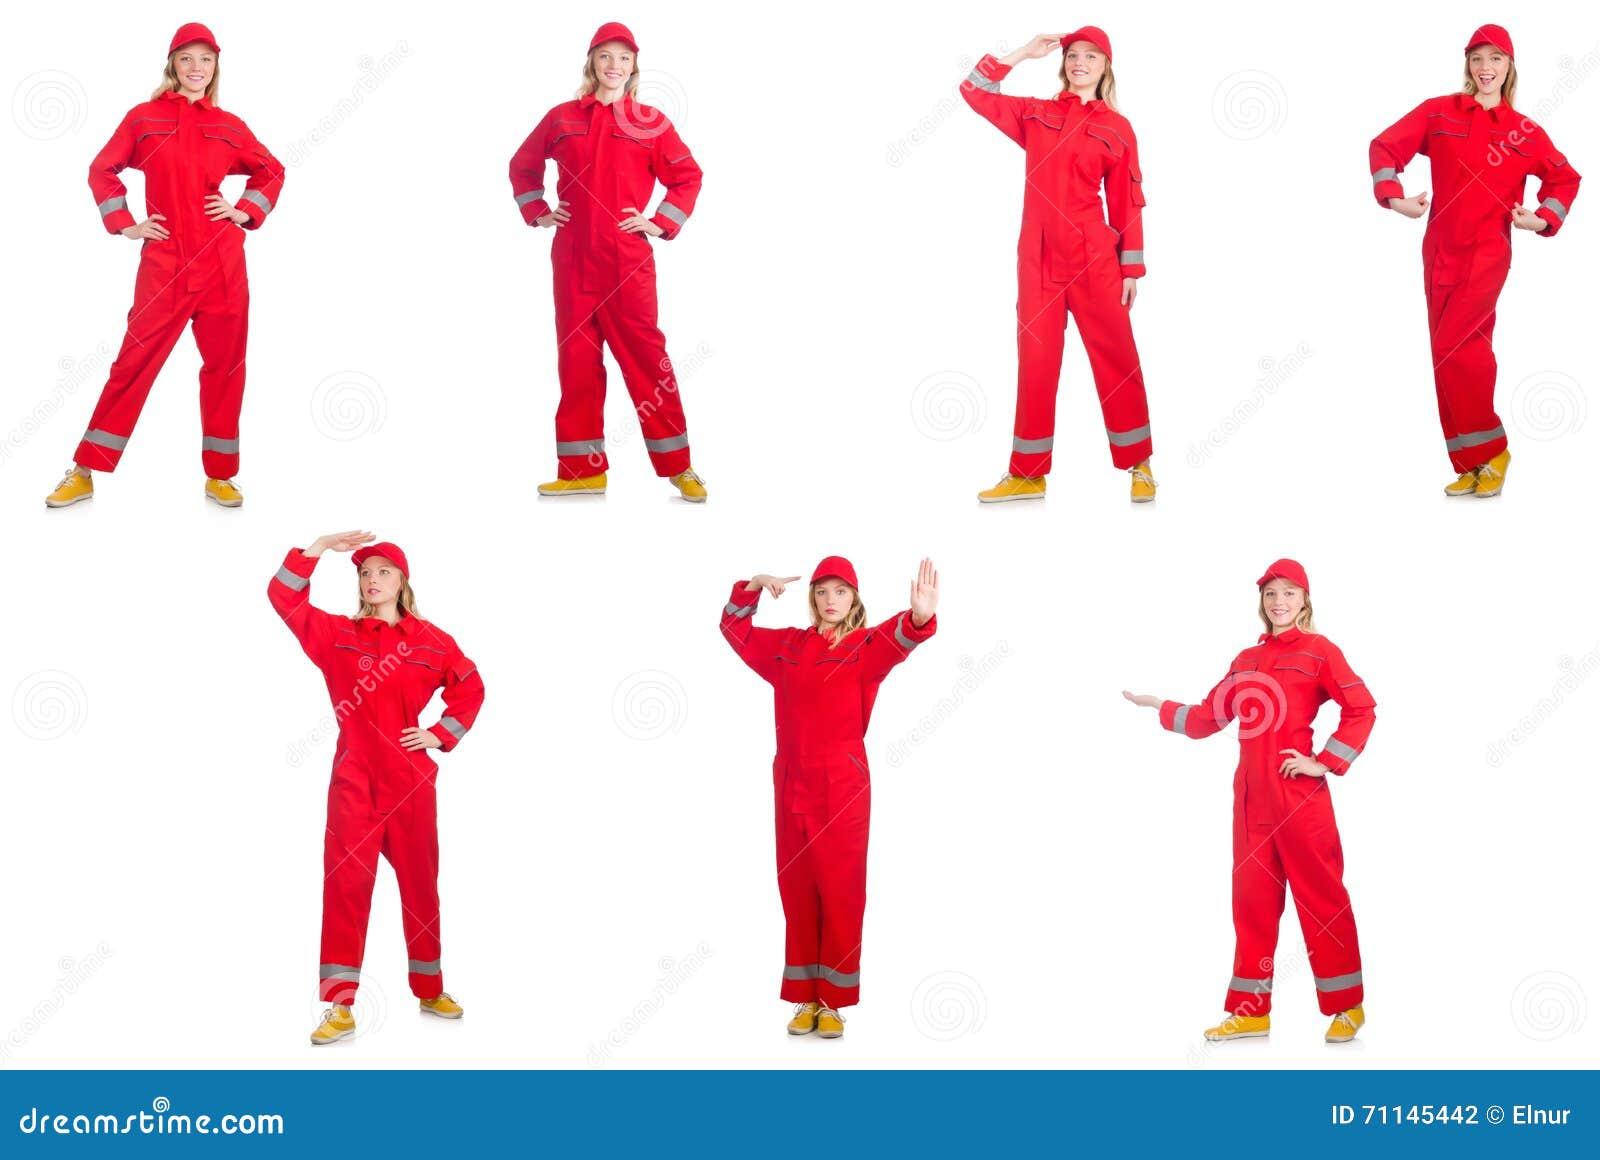 Kobieta w czerwonych kombinezonach